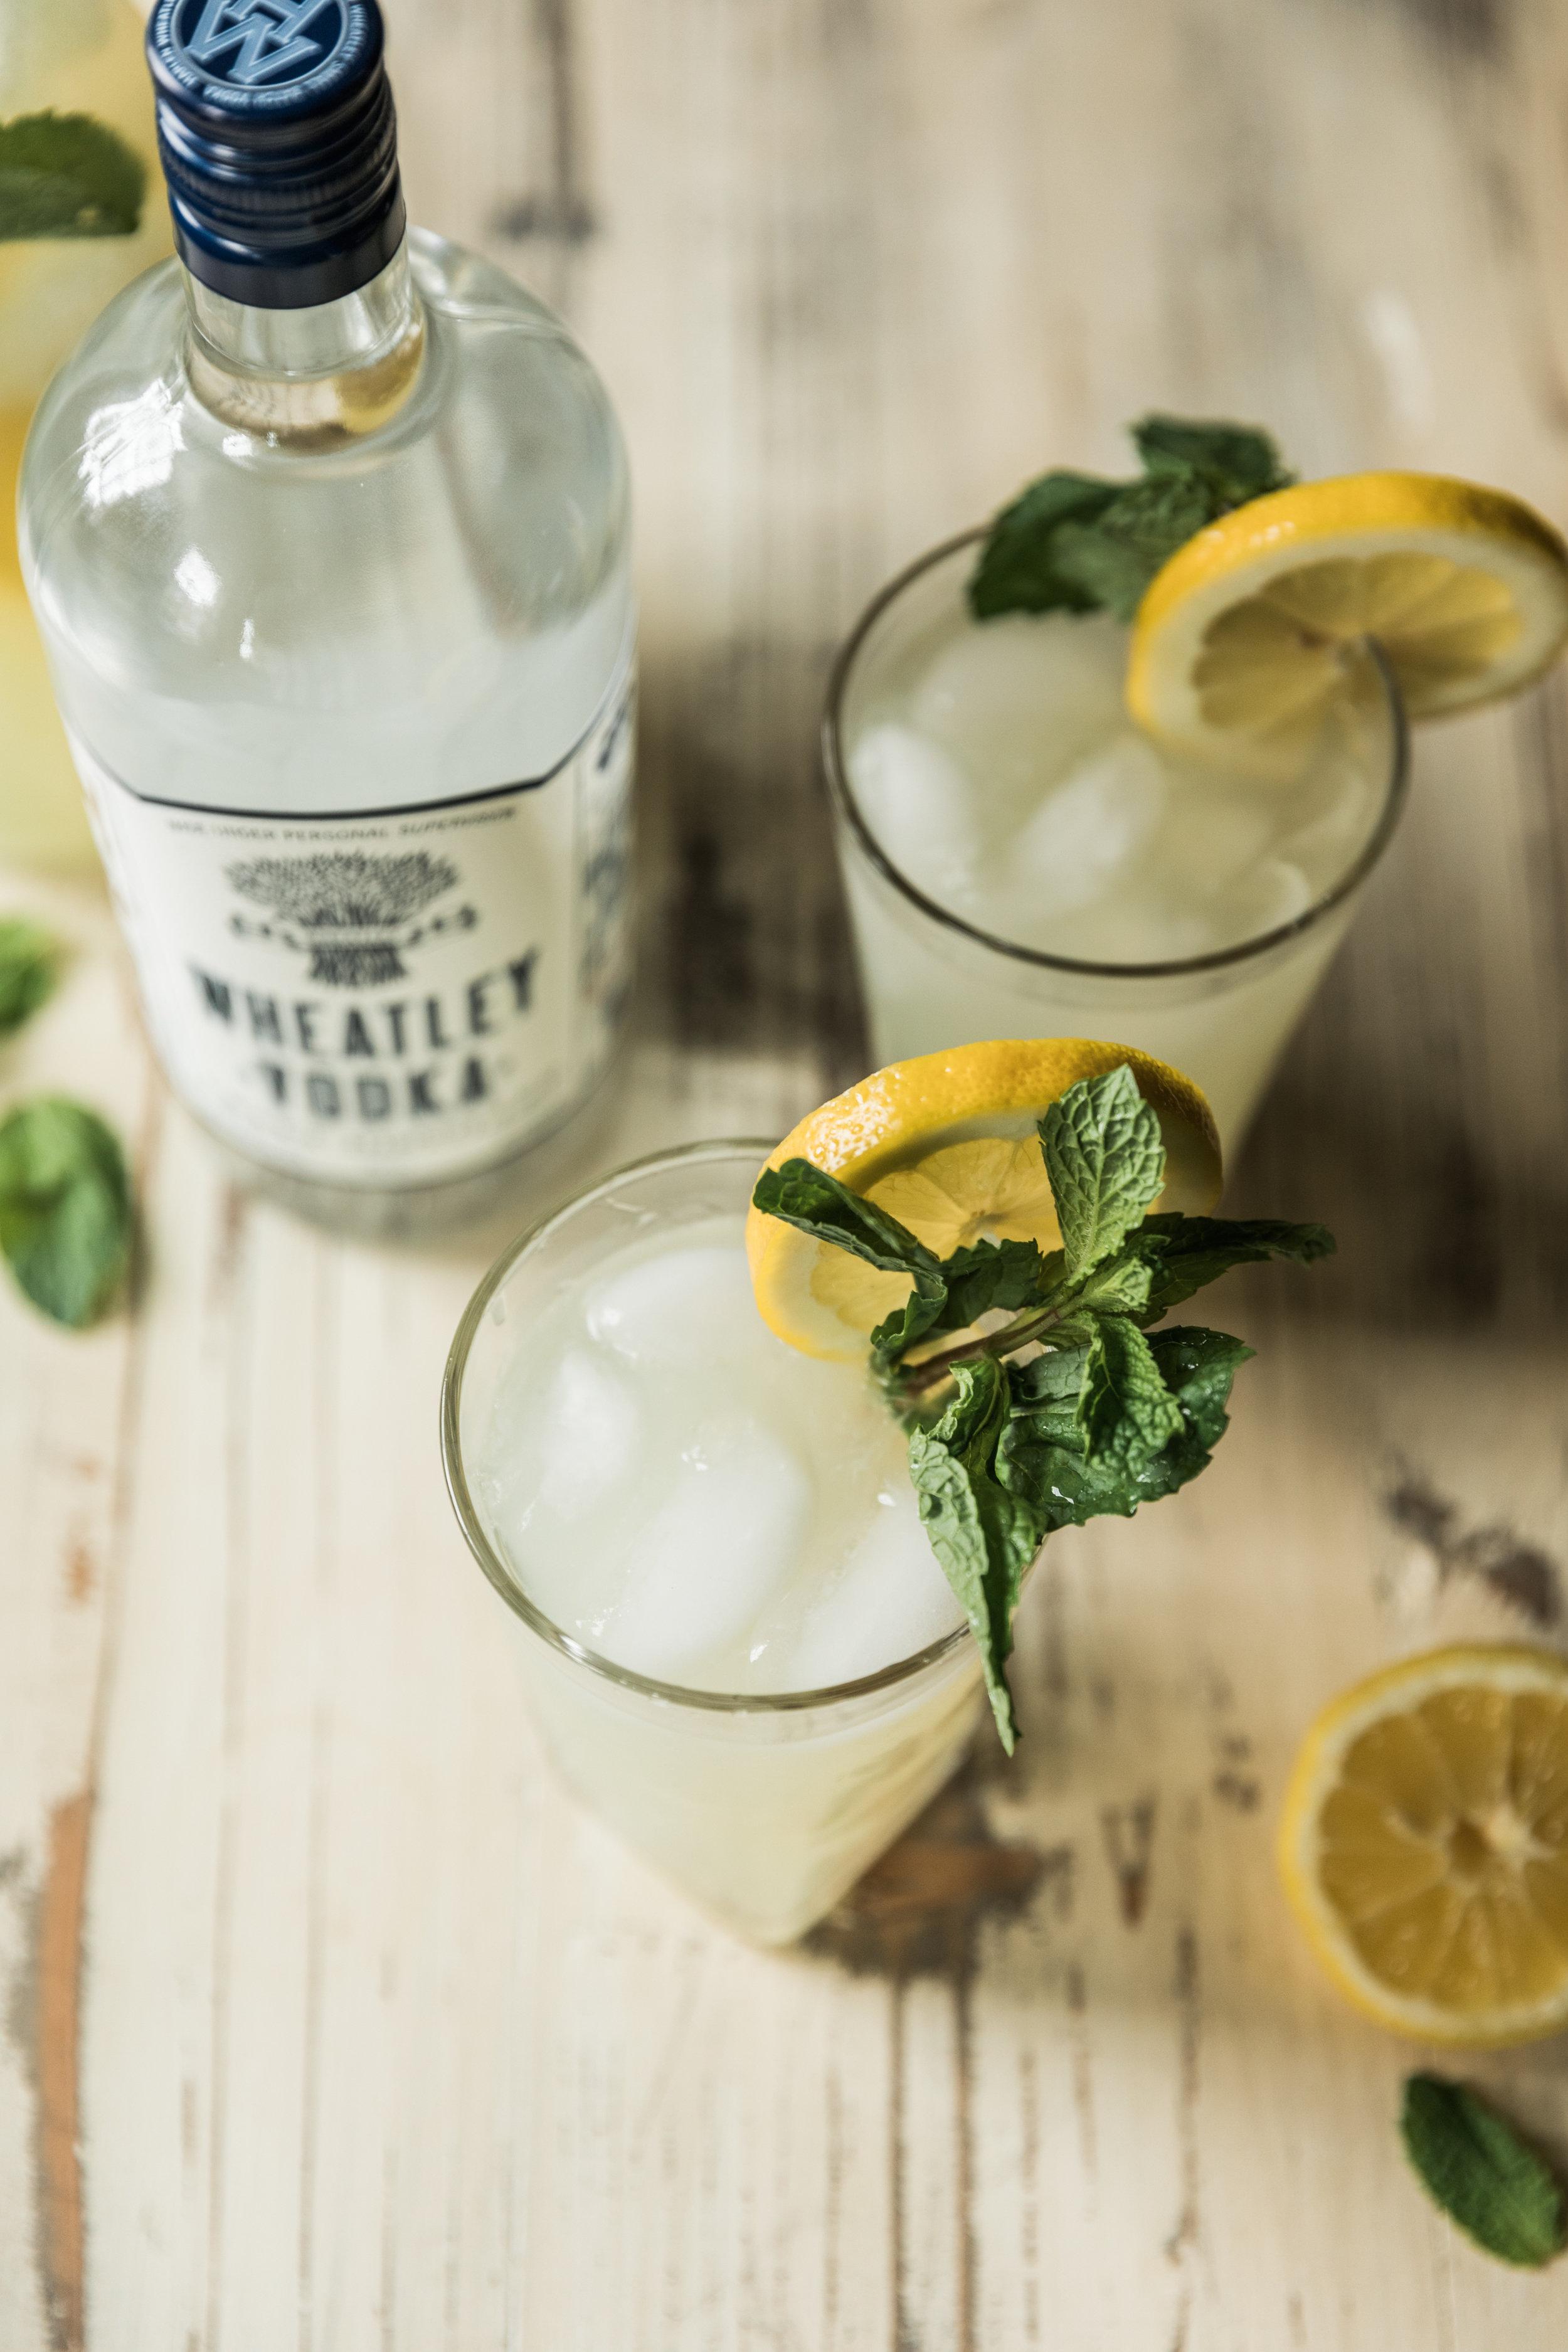 wheatley vodka mint lemonade -